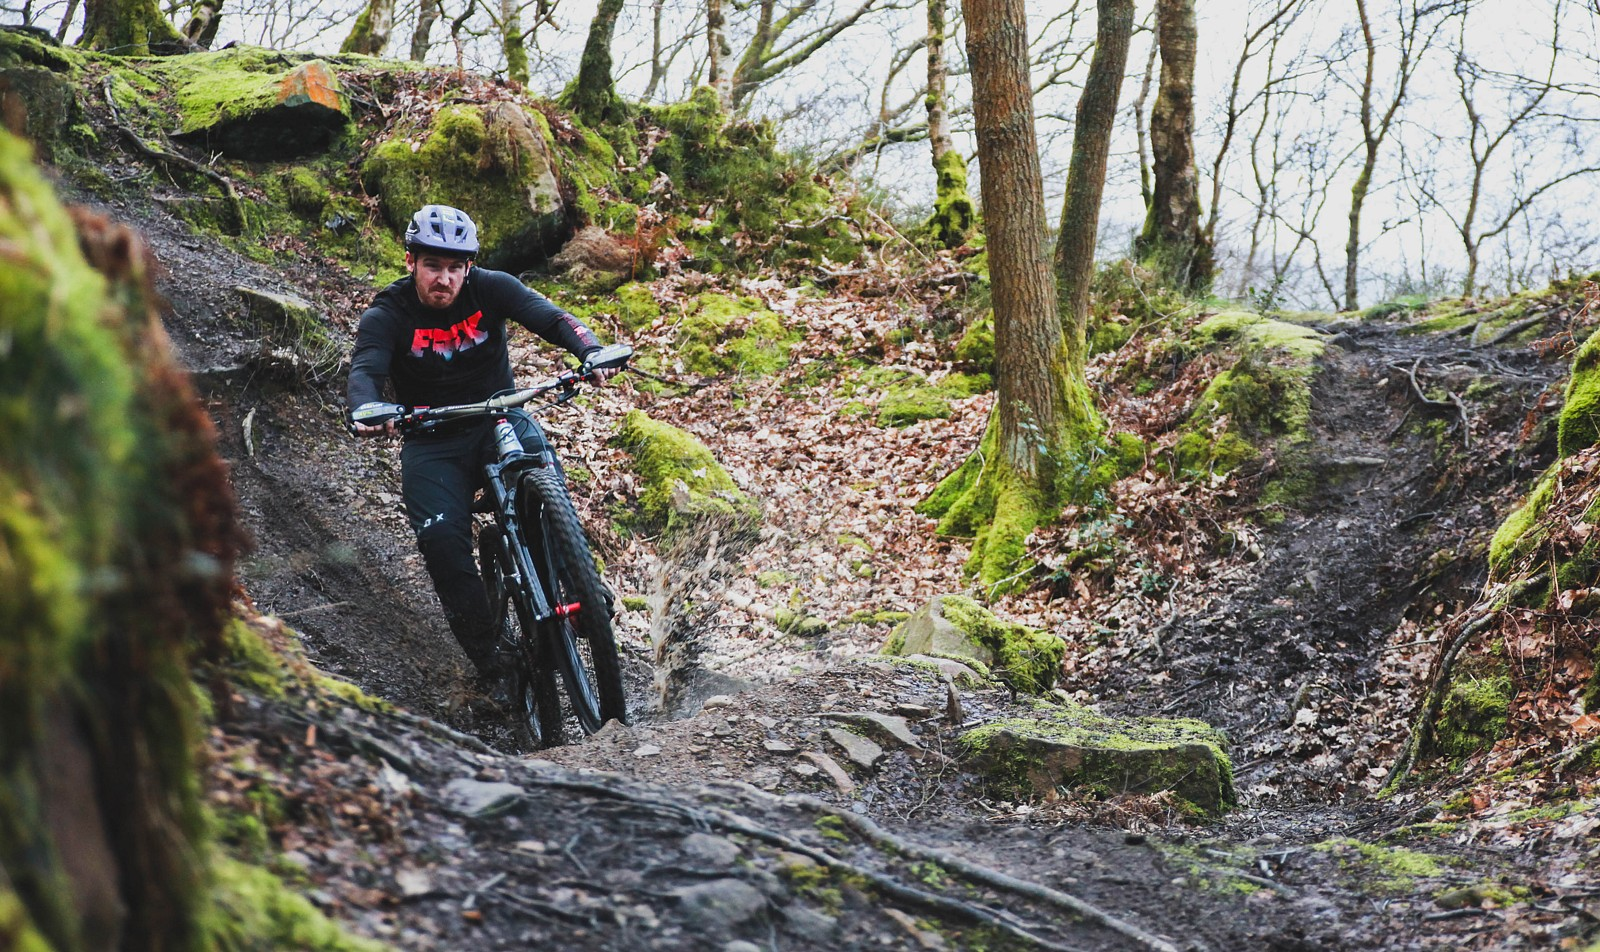 IMG 0650 - Mushrum - Mountain Biking Pictures - Vital MTB